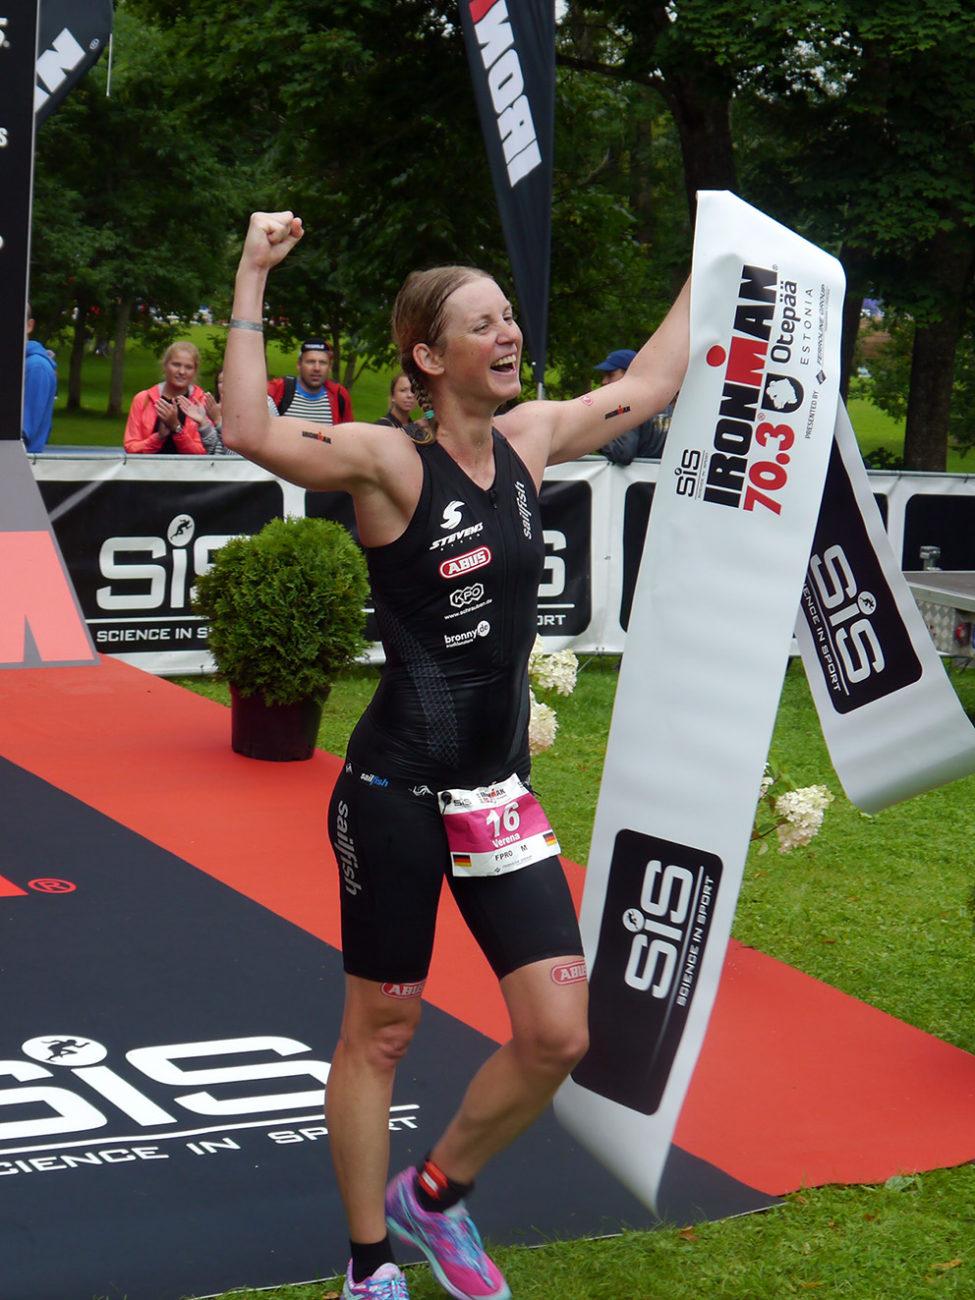 IRONMAN 70.3 Estonia 2016 – Sieg Für Verena Walter